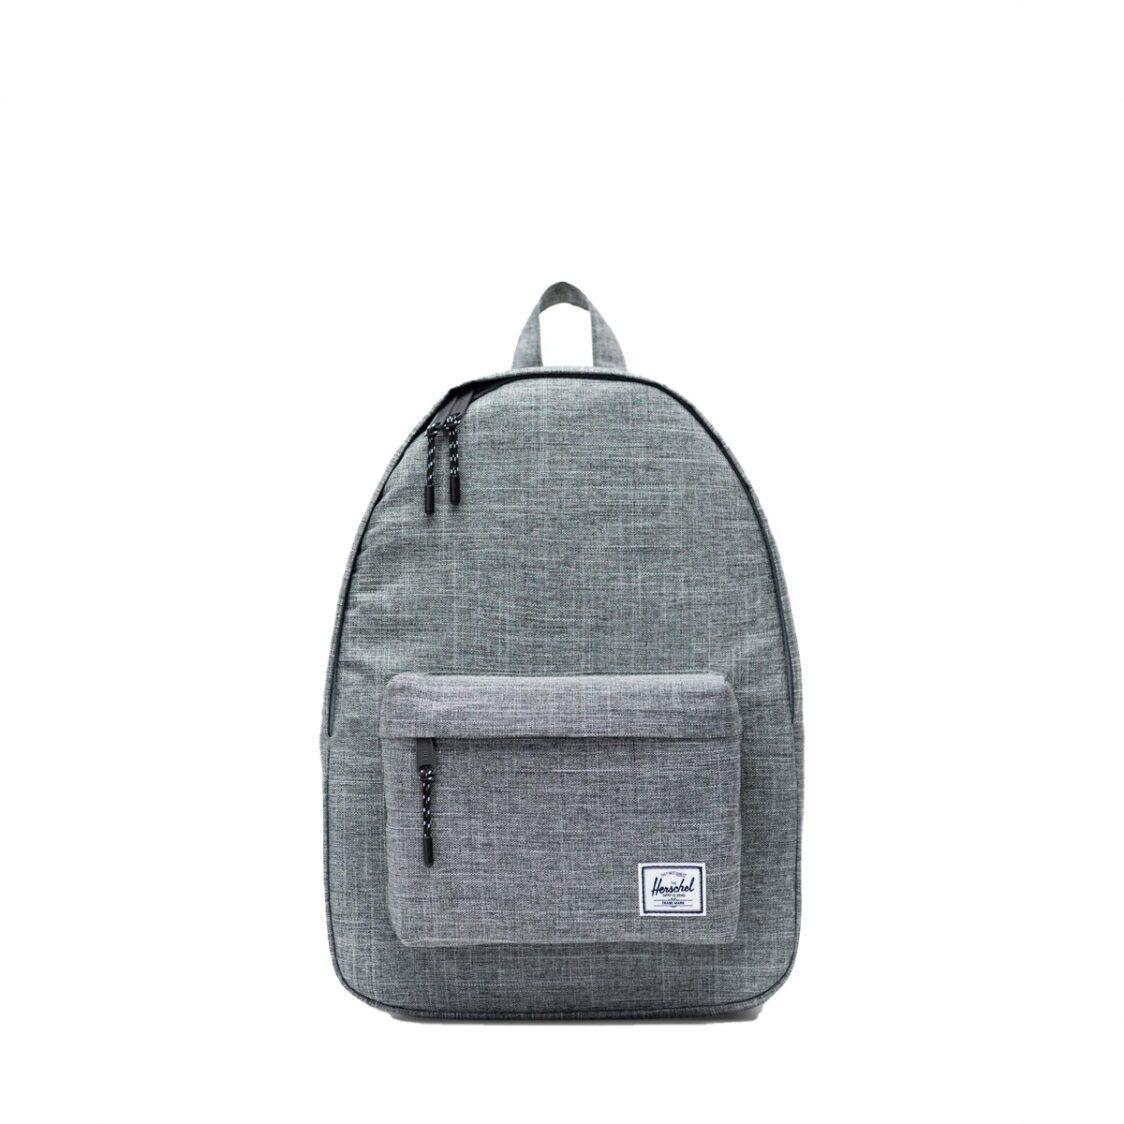 Herschel Classic Mid-Volume Raven Crosshatch Backpack 10485-00919-OS